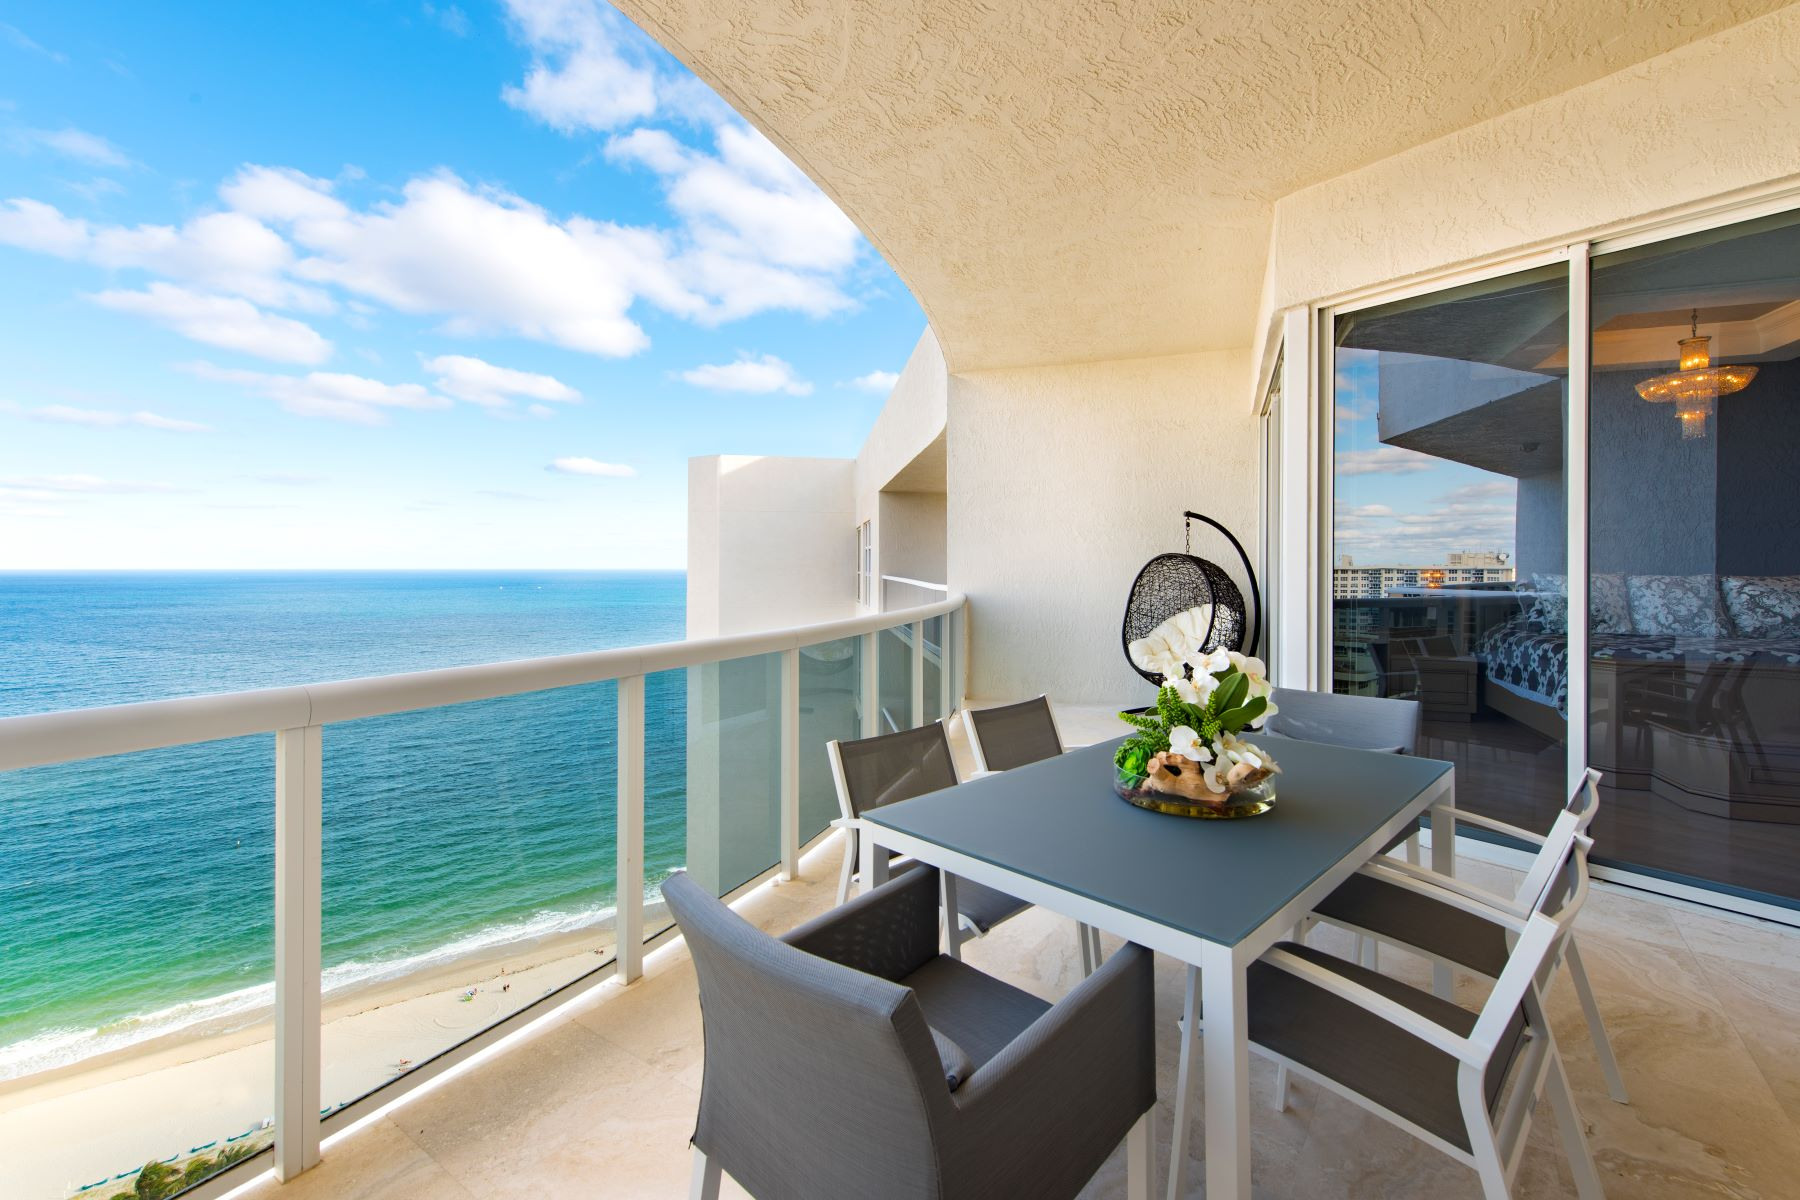 Apartamento por un Venta en 3100 N Ocean Blvd #2803 3100 N Ocean Blvd 2803 Fort Lauderdale, Florida, 33308 Estados Unidos